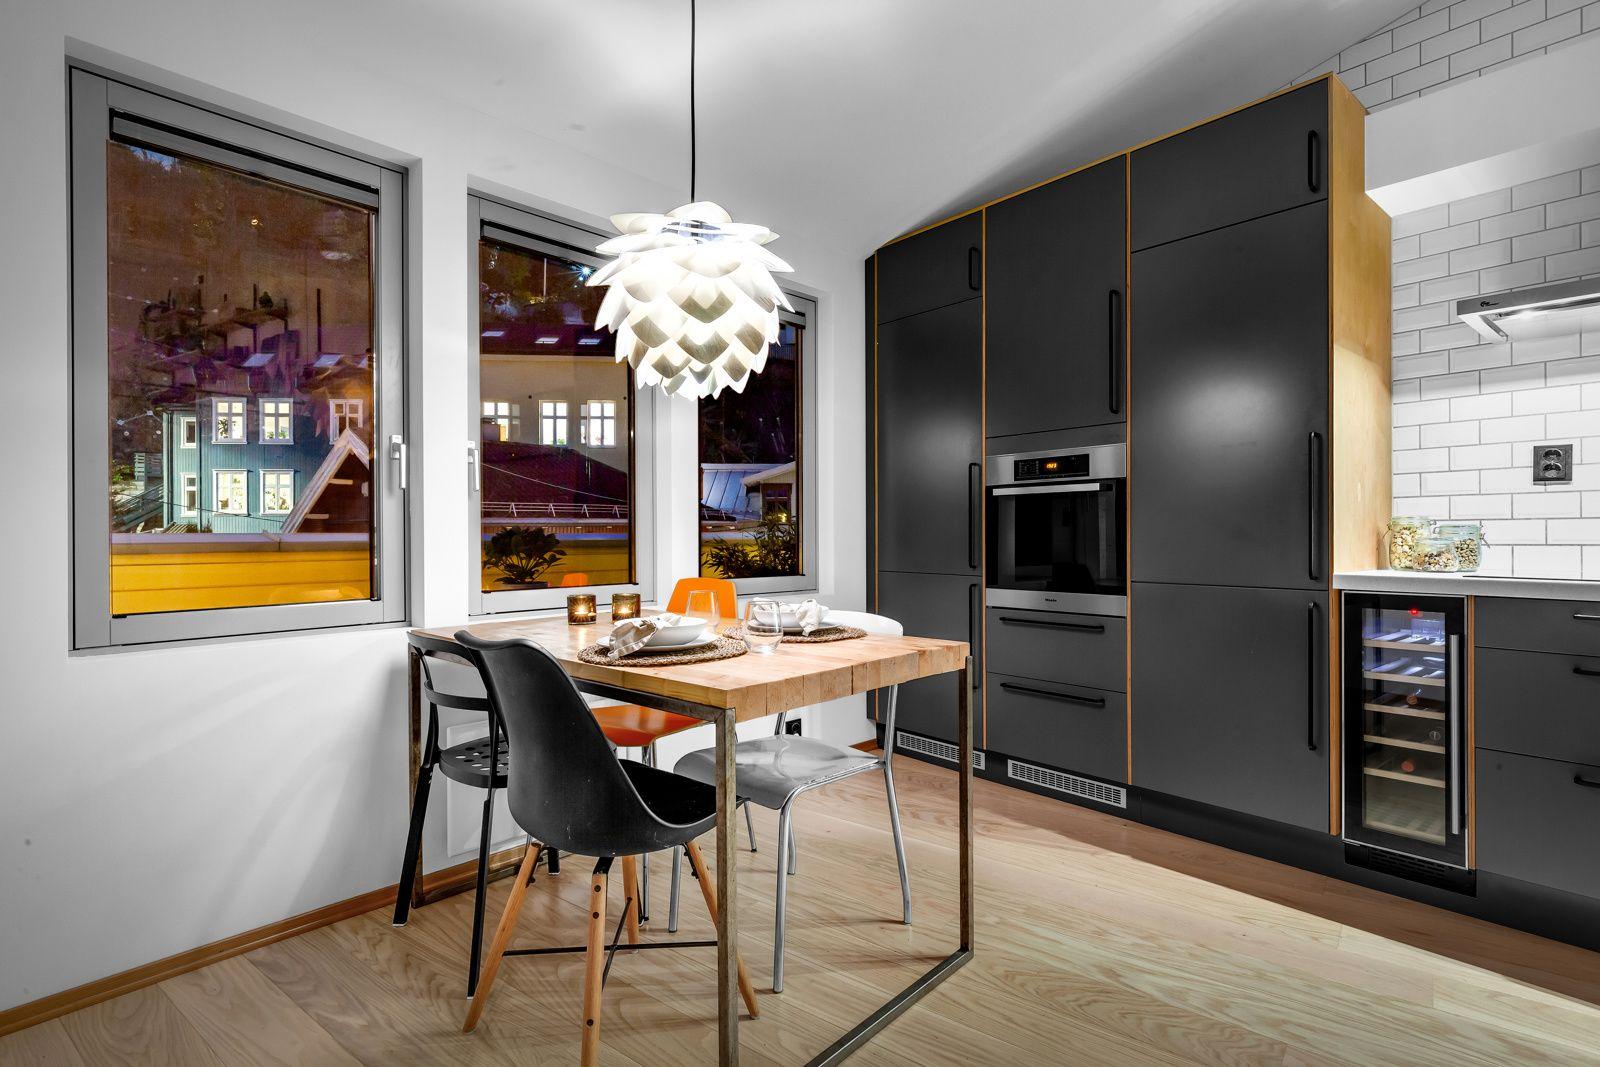 Konows gate 26N Kjøkkenet har en praktisk løsning med god plass til et stort spisebord.